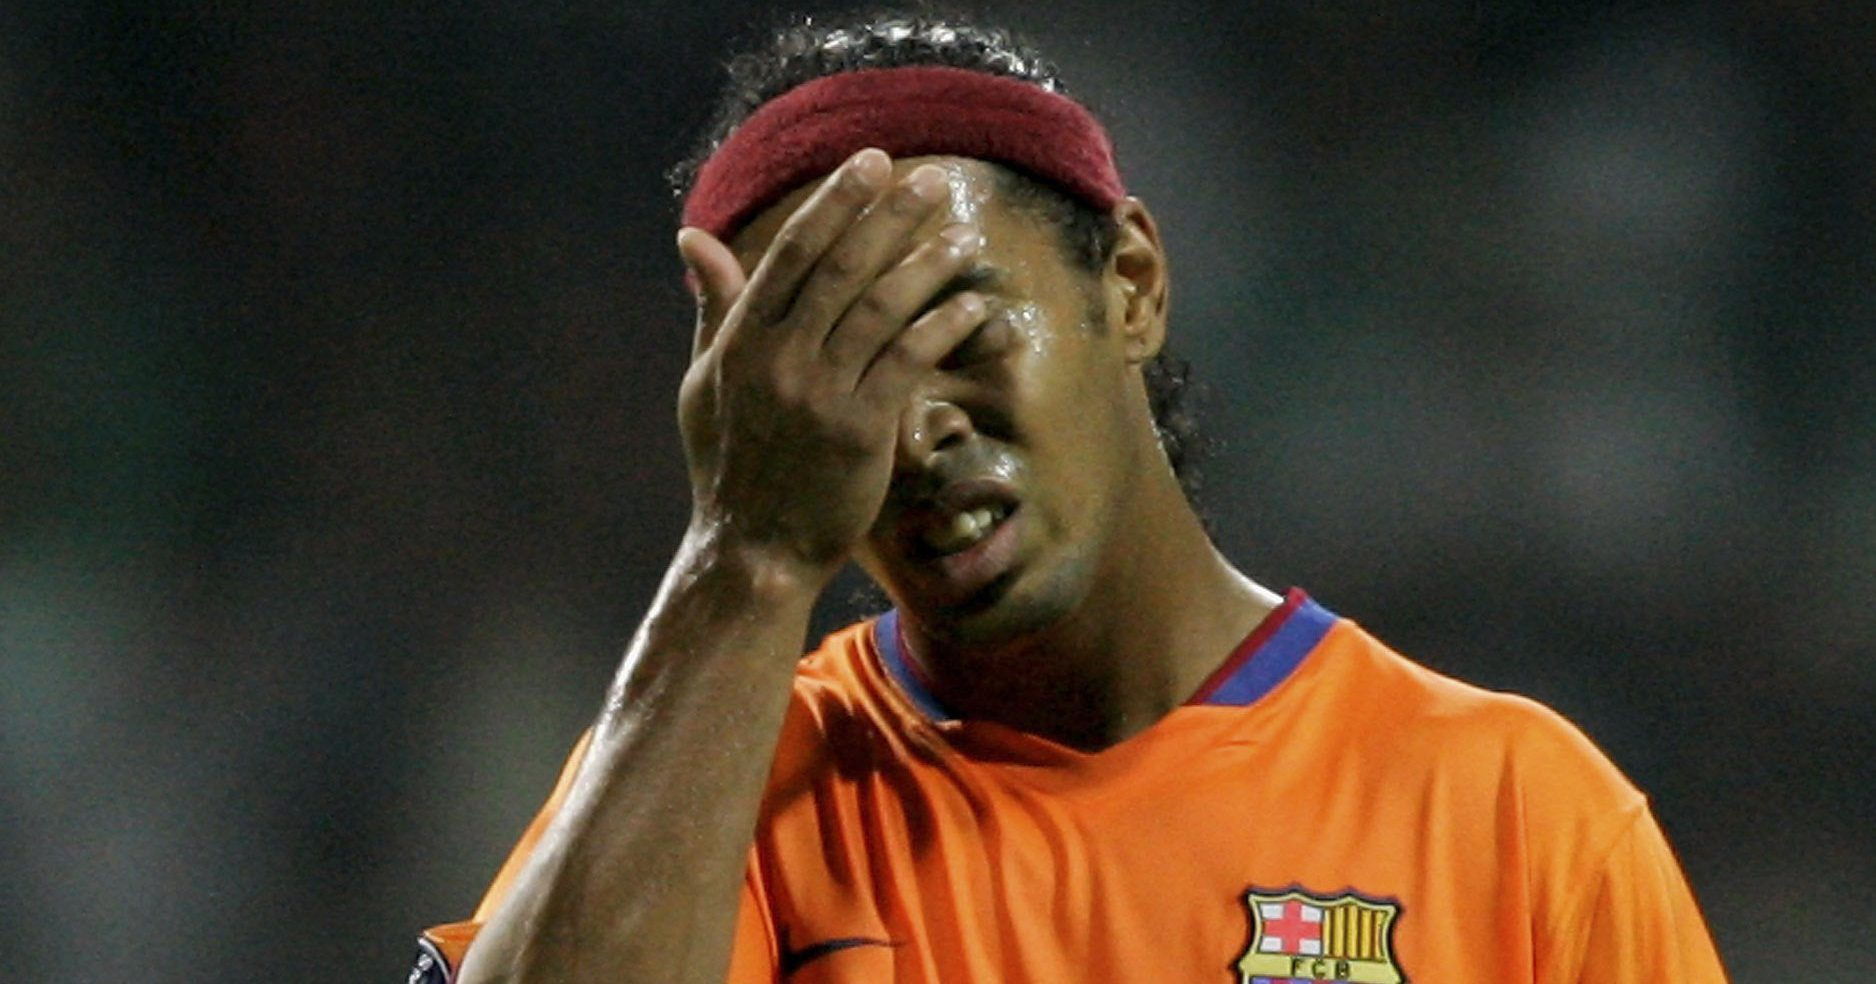 Szewc bez butów chodzi, czyli Ronaldinho z najbardziej absurdalną posadą na świecie?